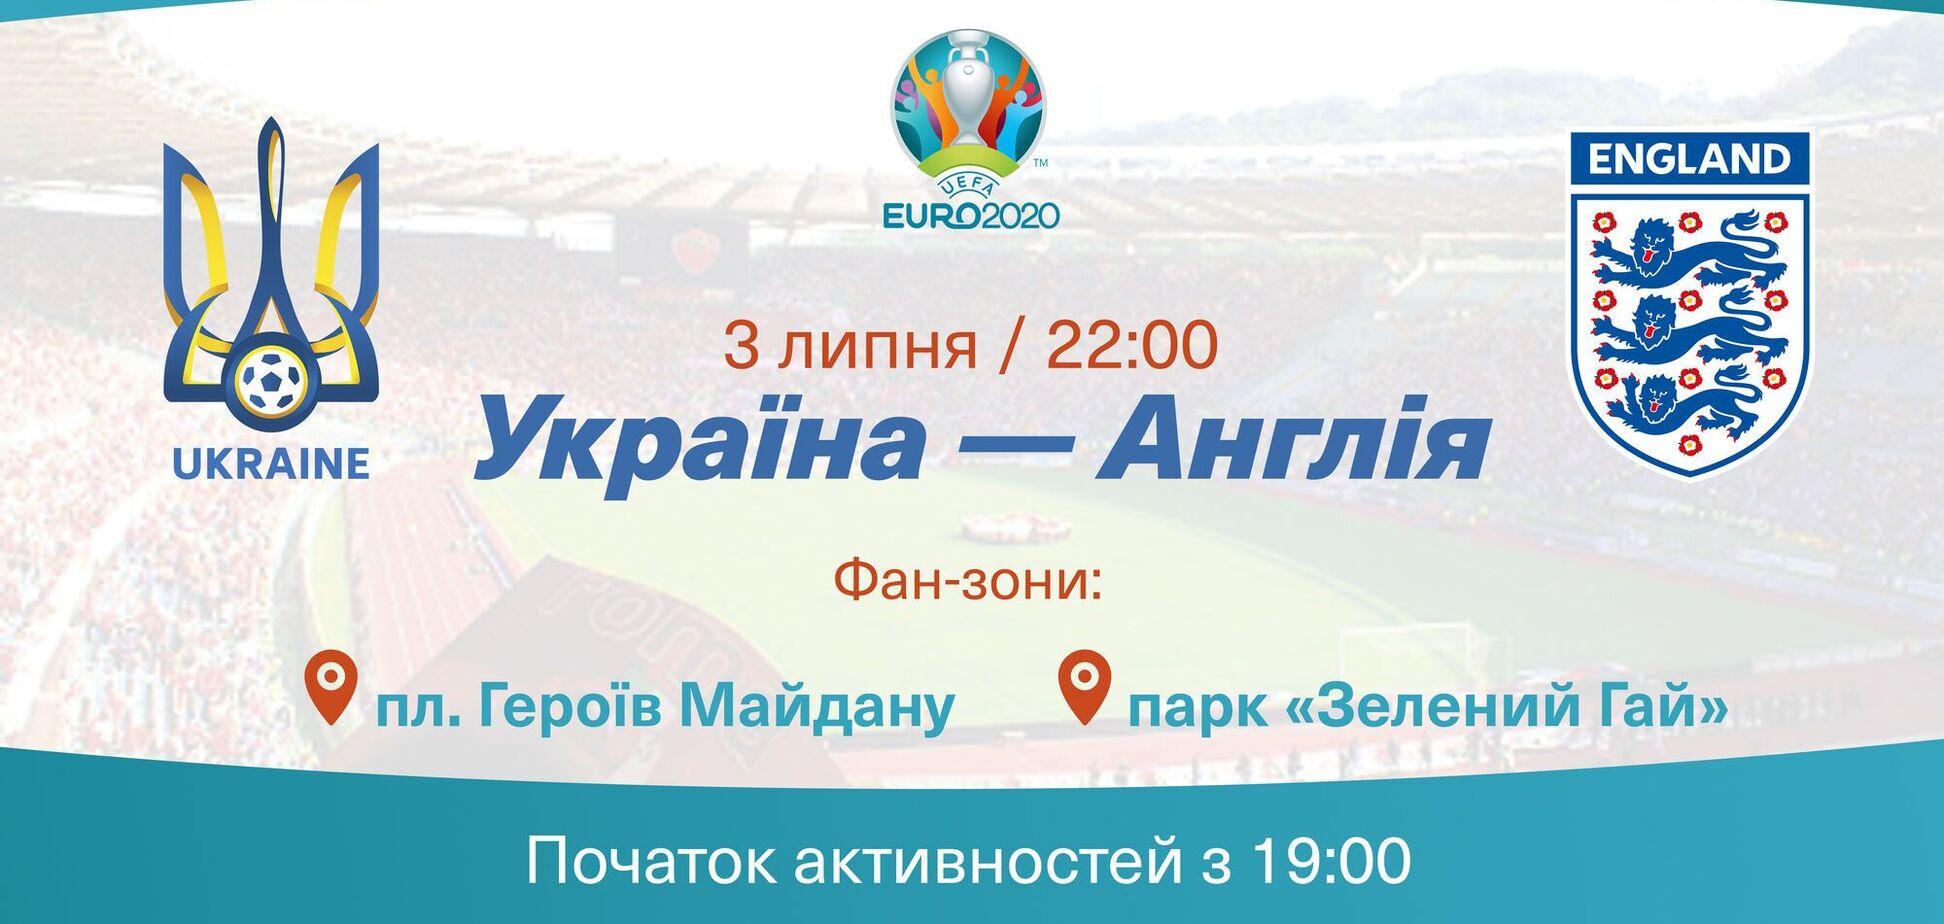 У Дніпрі матч Україна - Англія покажуть у двох футбольних фан-зонах